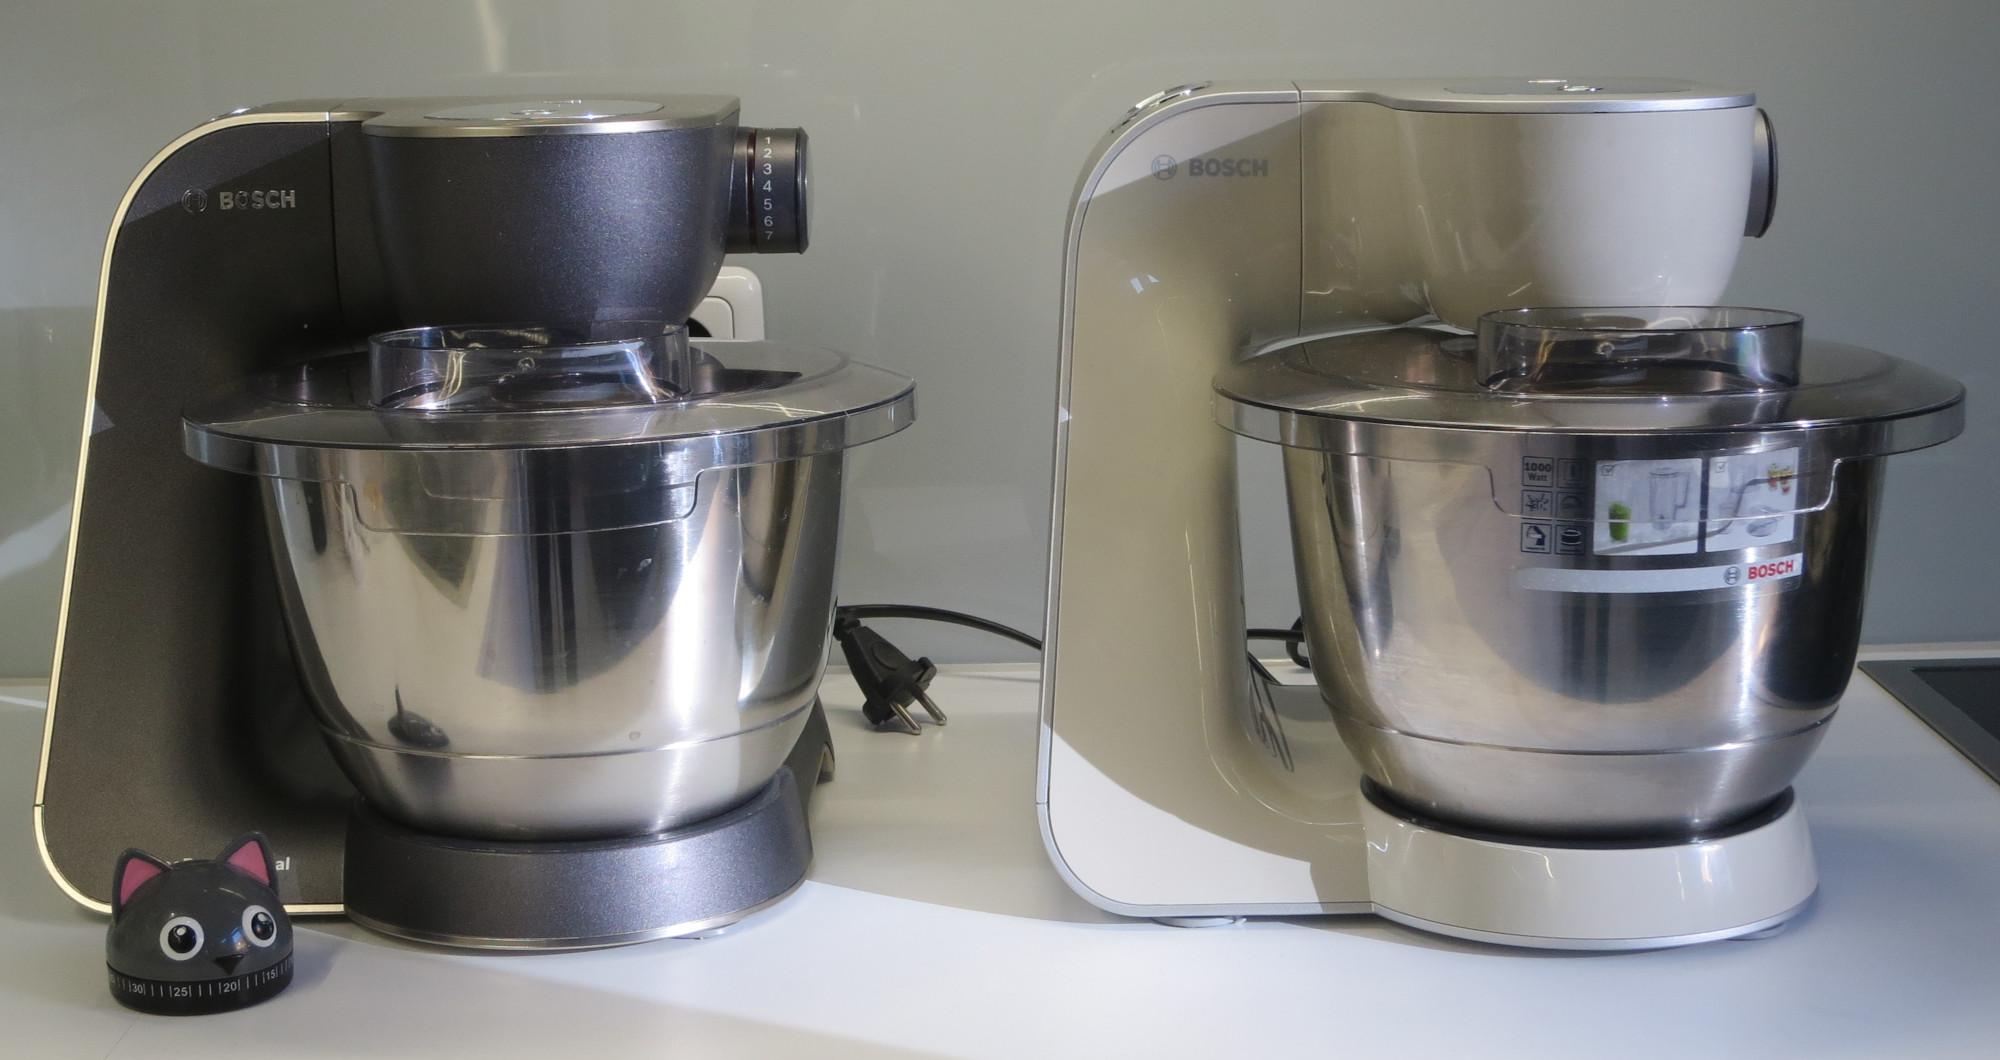 Küchenmaschine Bosch MUM 5 in alt und neu